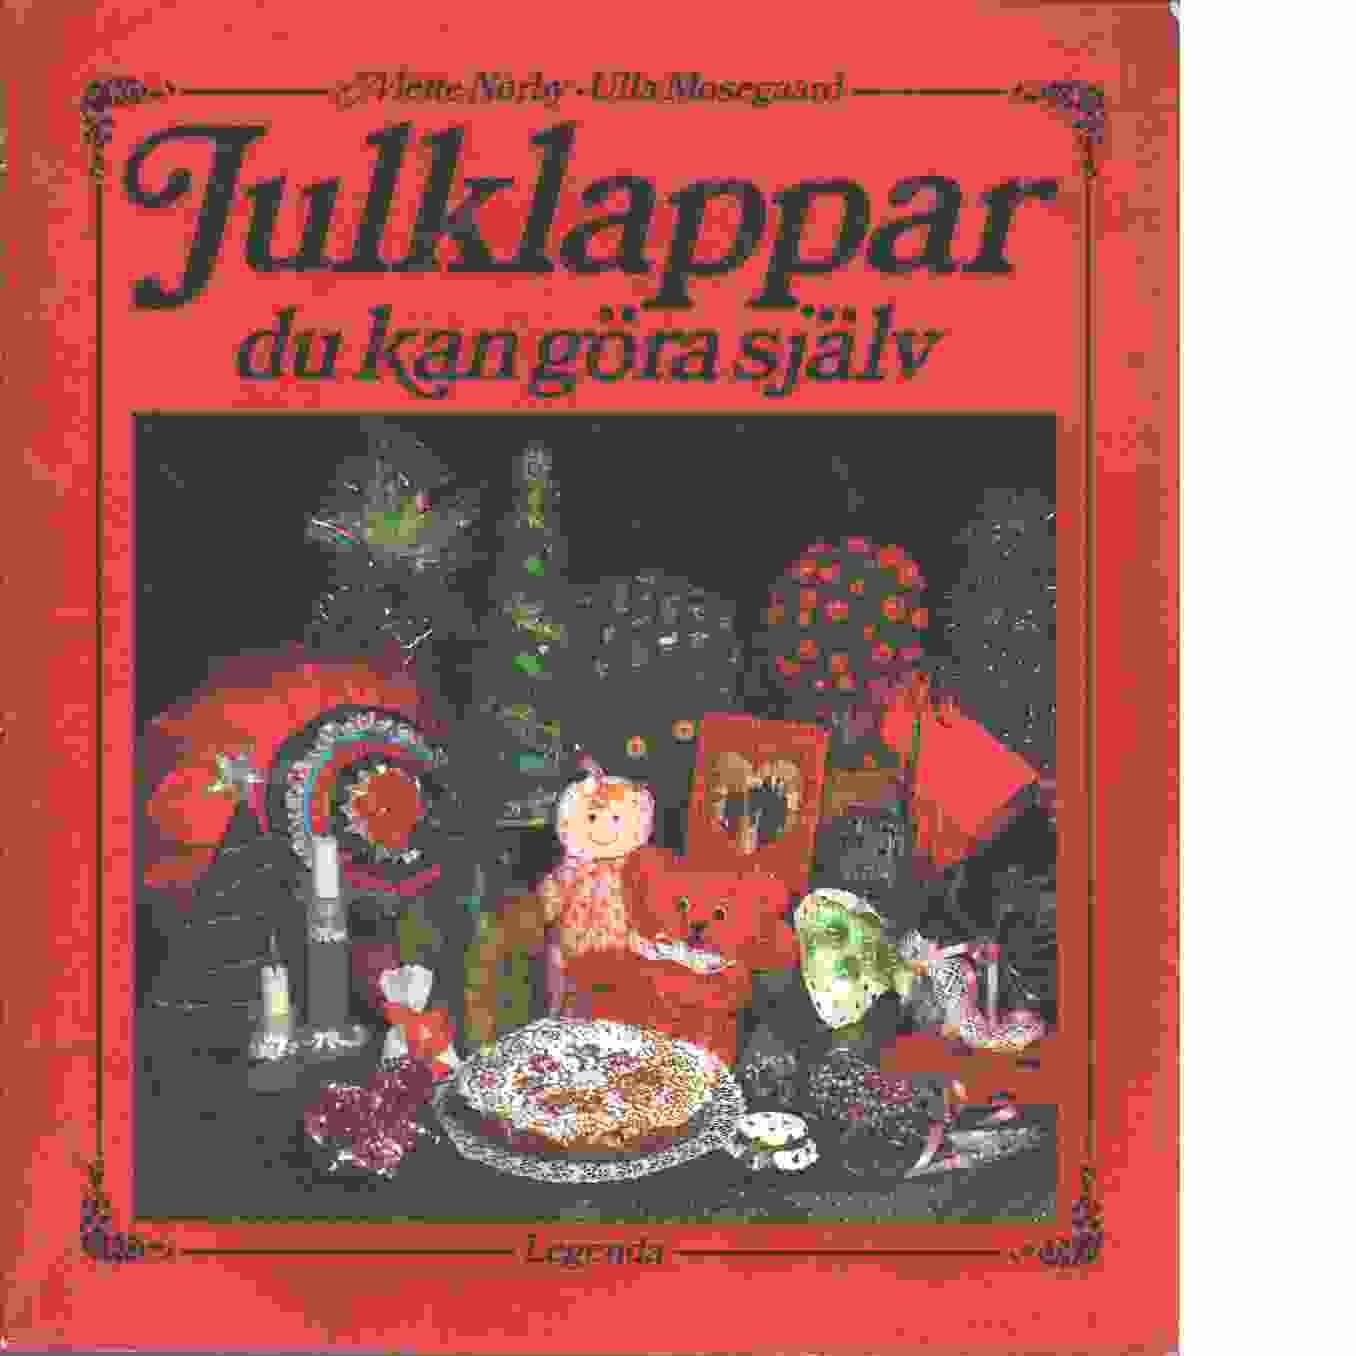 Julklappar du kan göra själv - Nørby, Mette och Mosegaard, Ulla